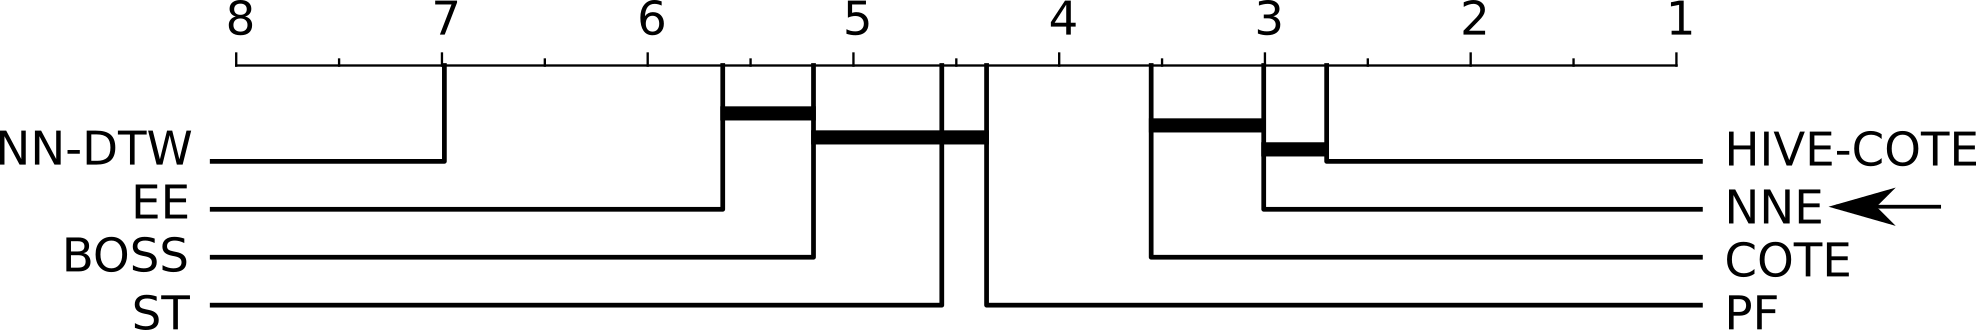 cd-diagram-nne